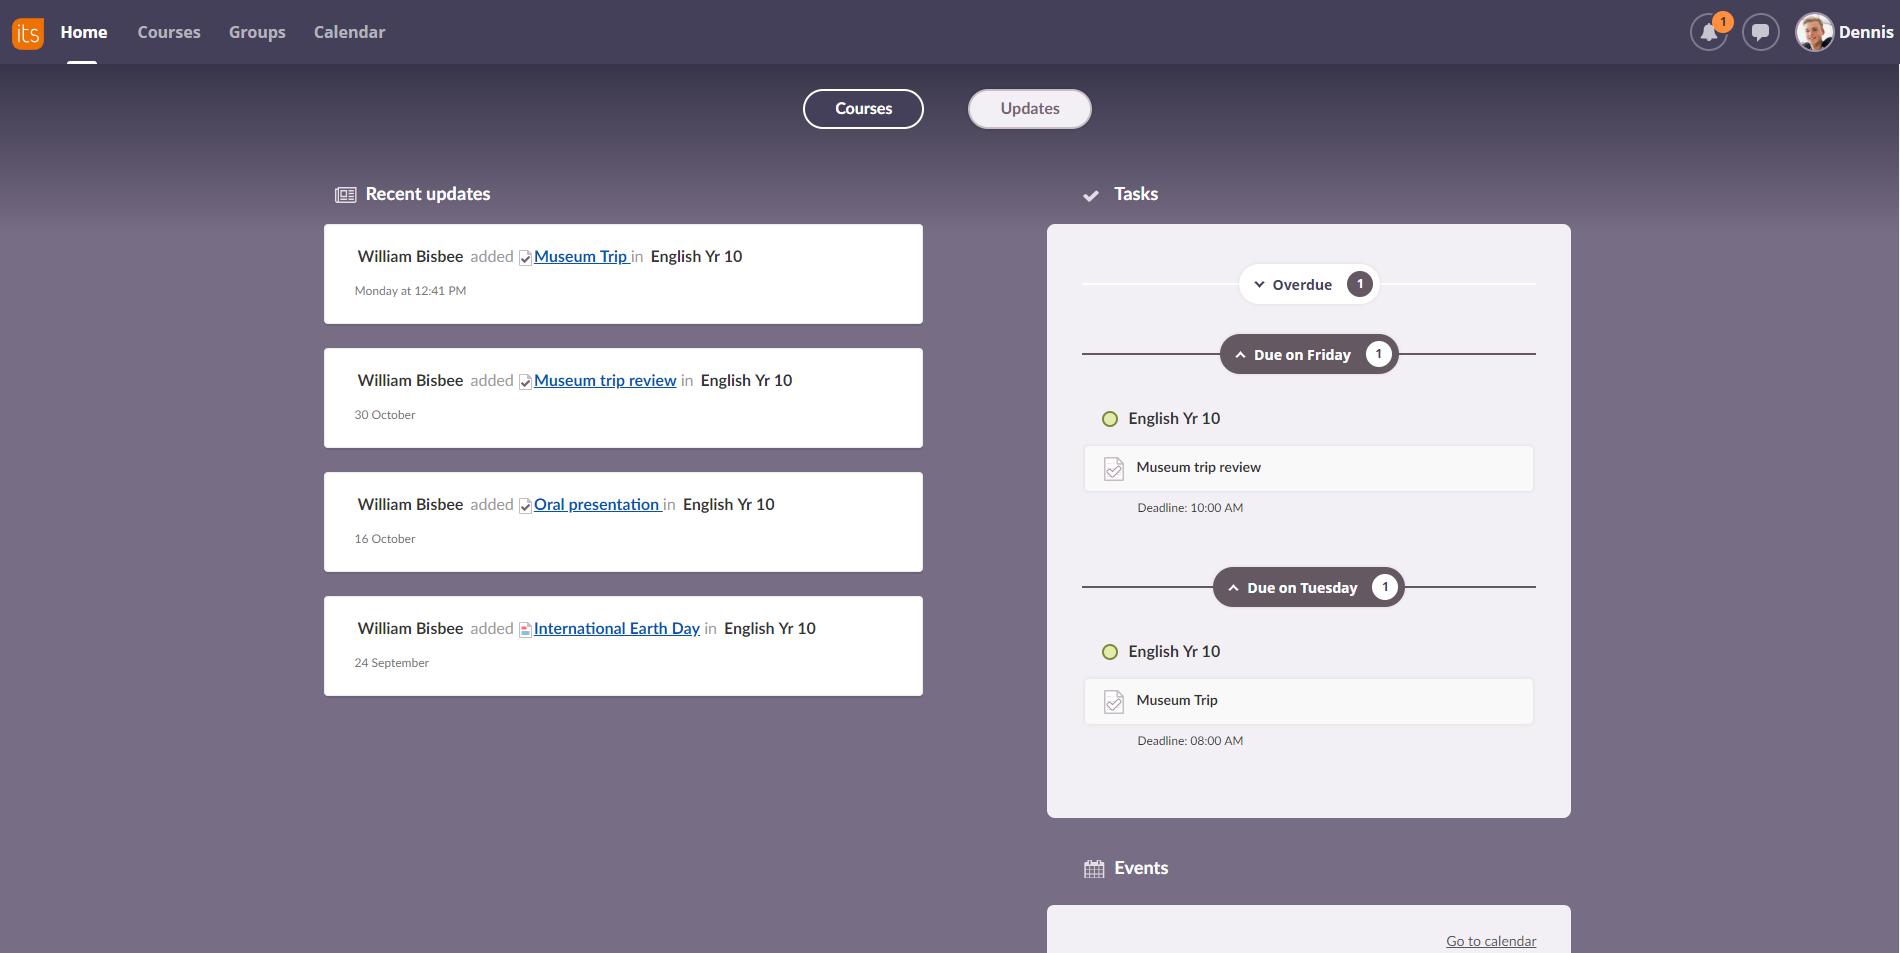 screenshot updates tasklist